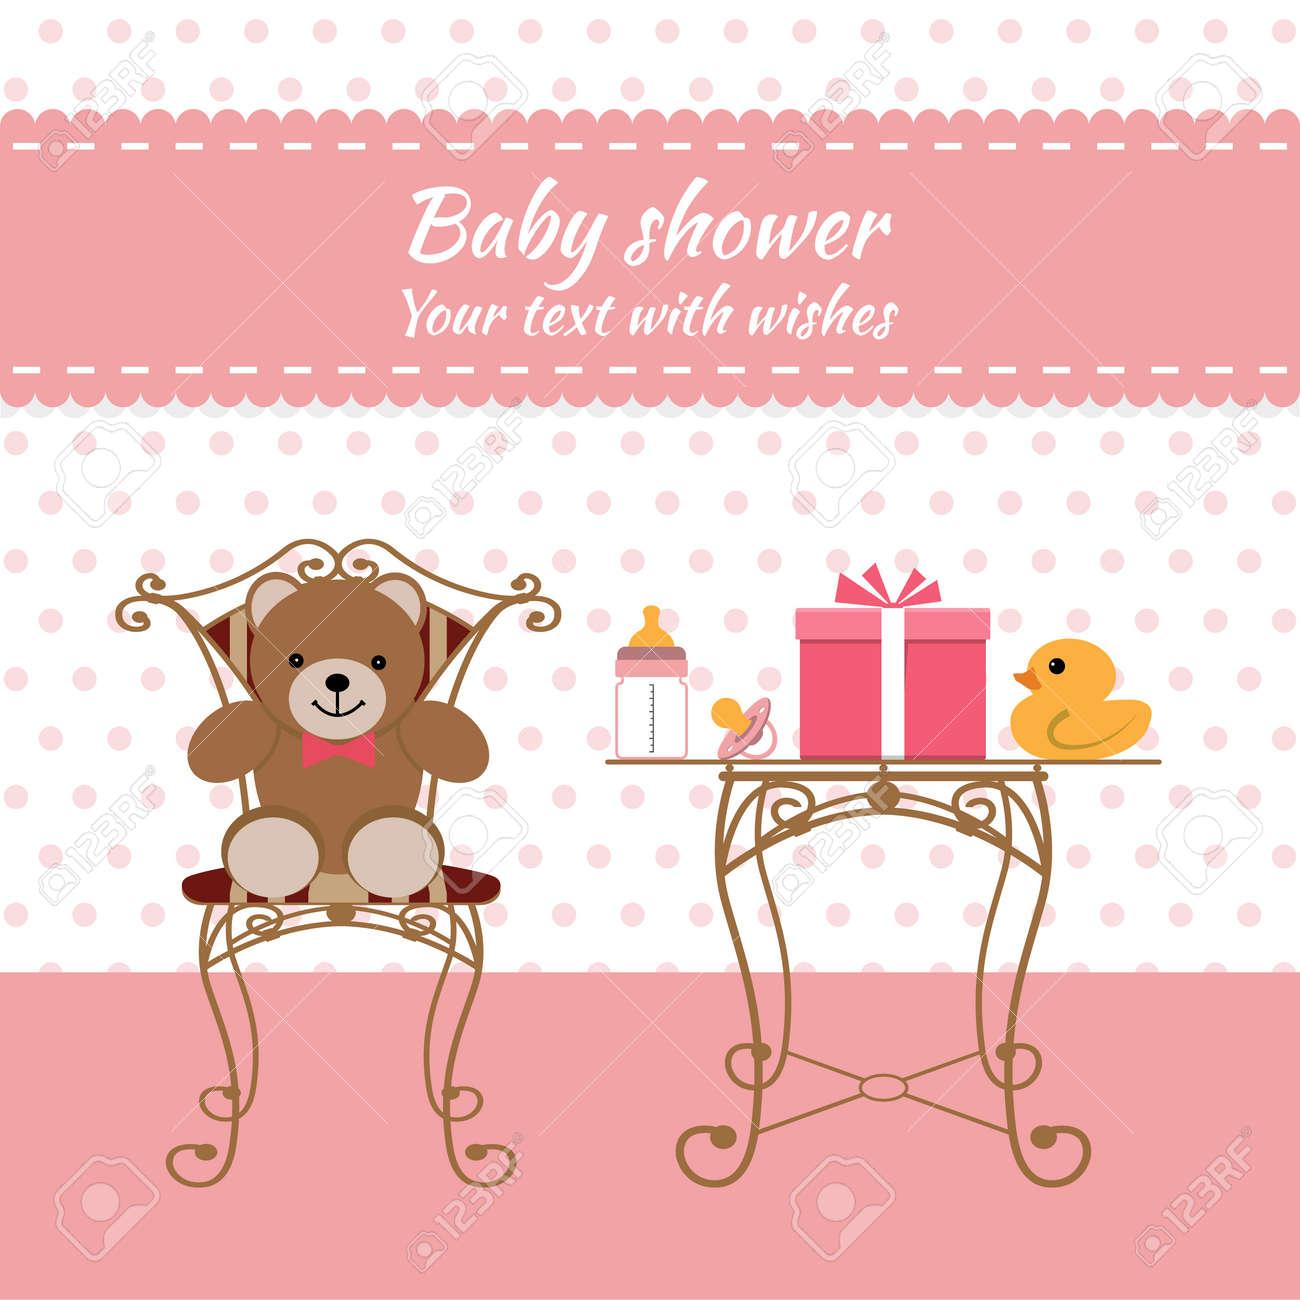 Baby Shower Girl Tarjeta De Invitación Lugar Para El Texto Tarjetas De Felicitación Ilustración Vectorial Oso De Peluche Con Una Caja De Regalo